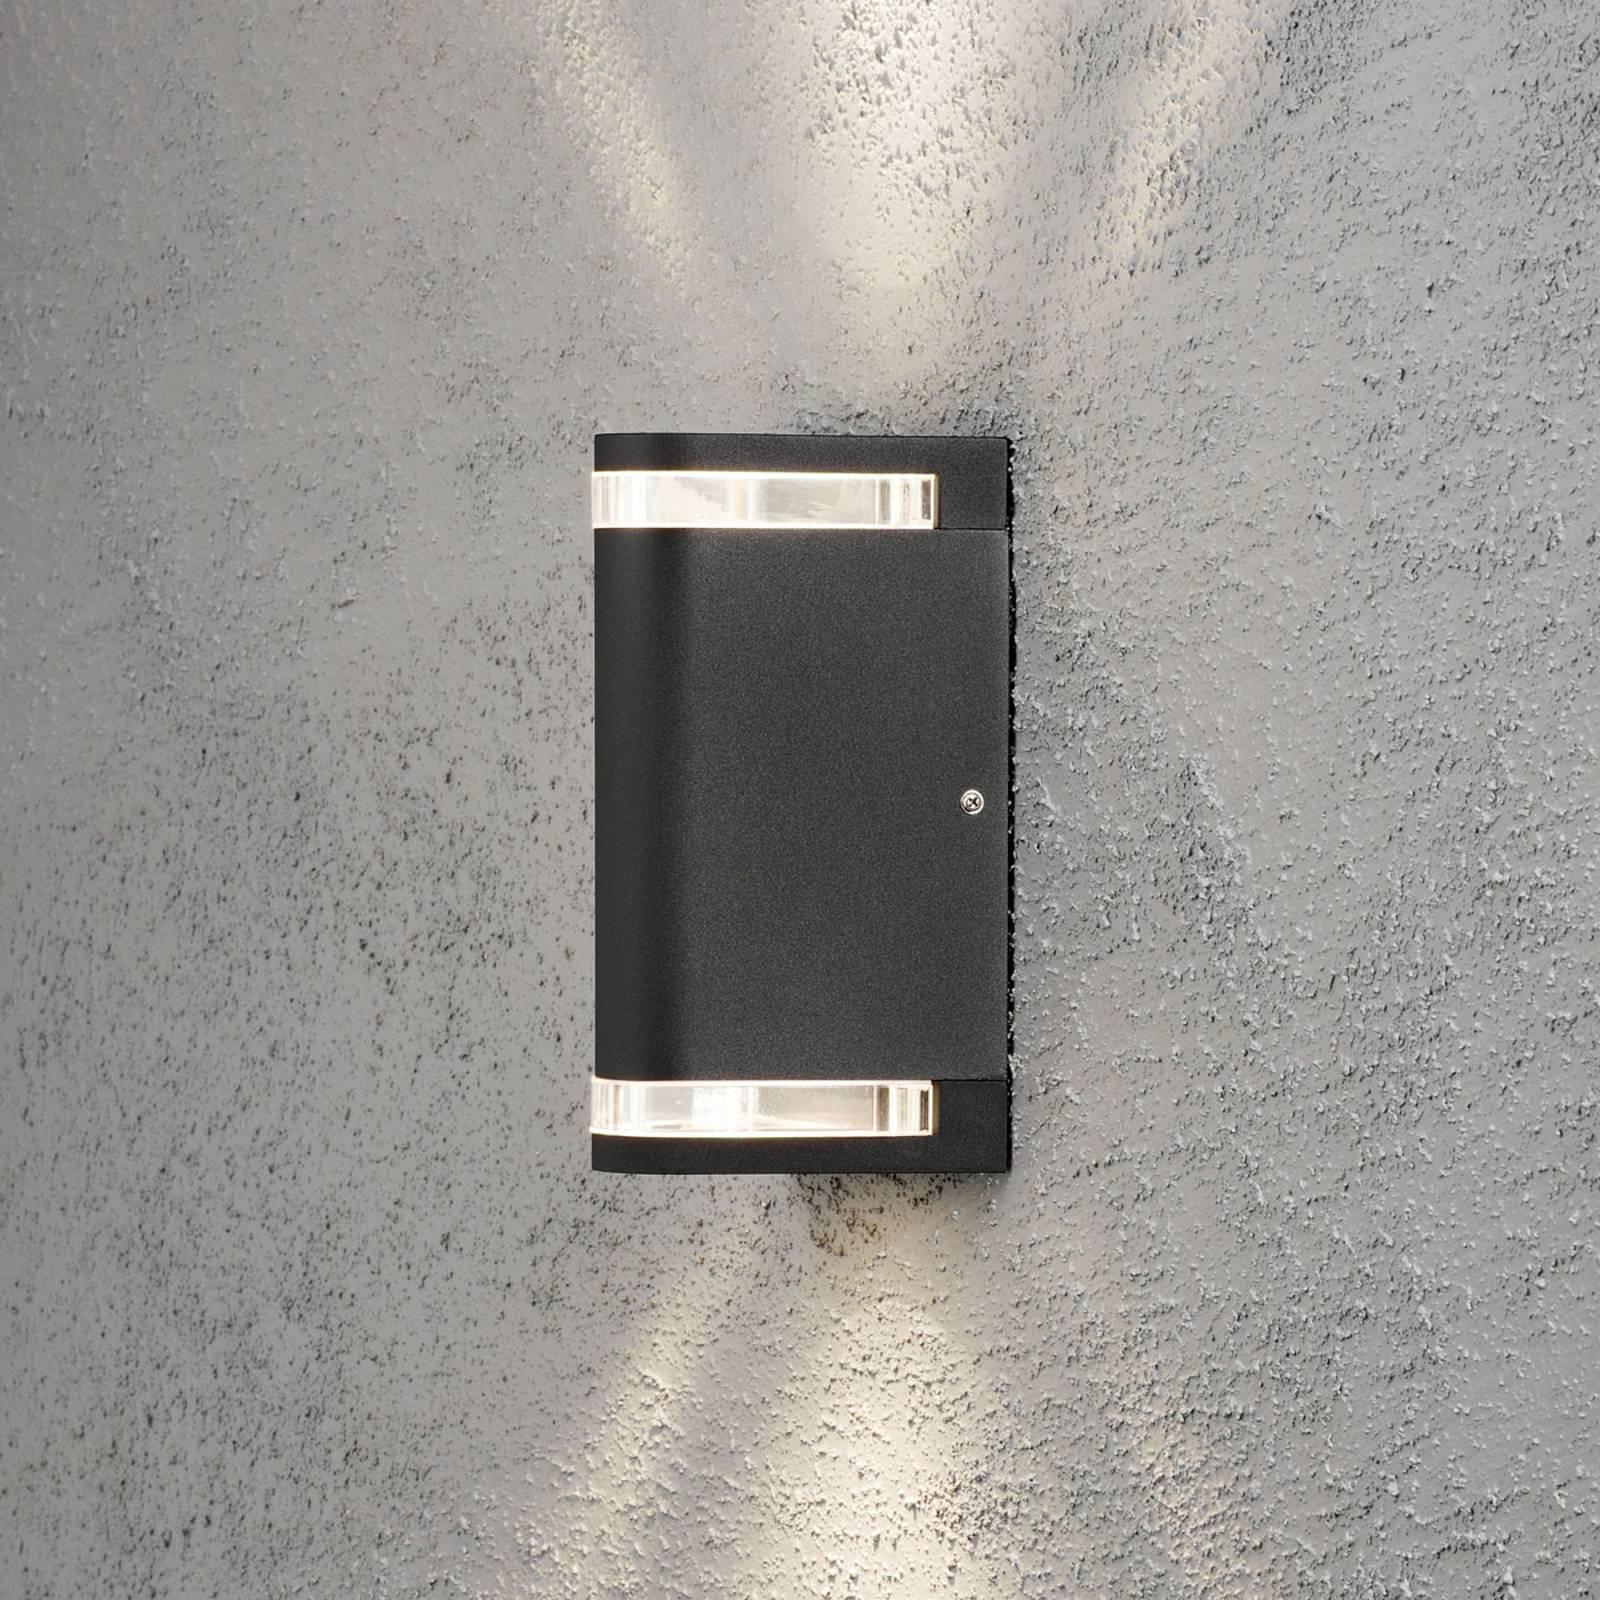 Modena utendørs vegglampe, 2 lyskilder, opp/ned